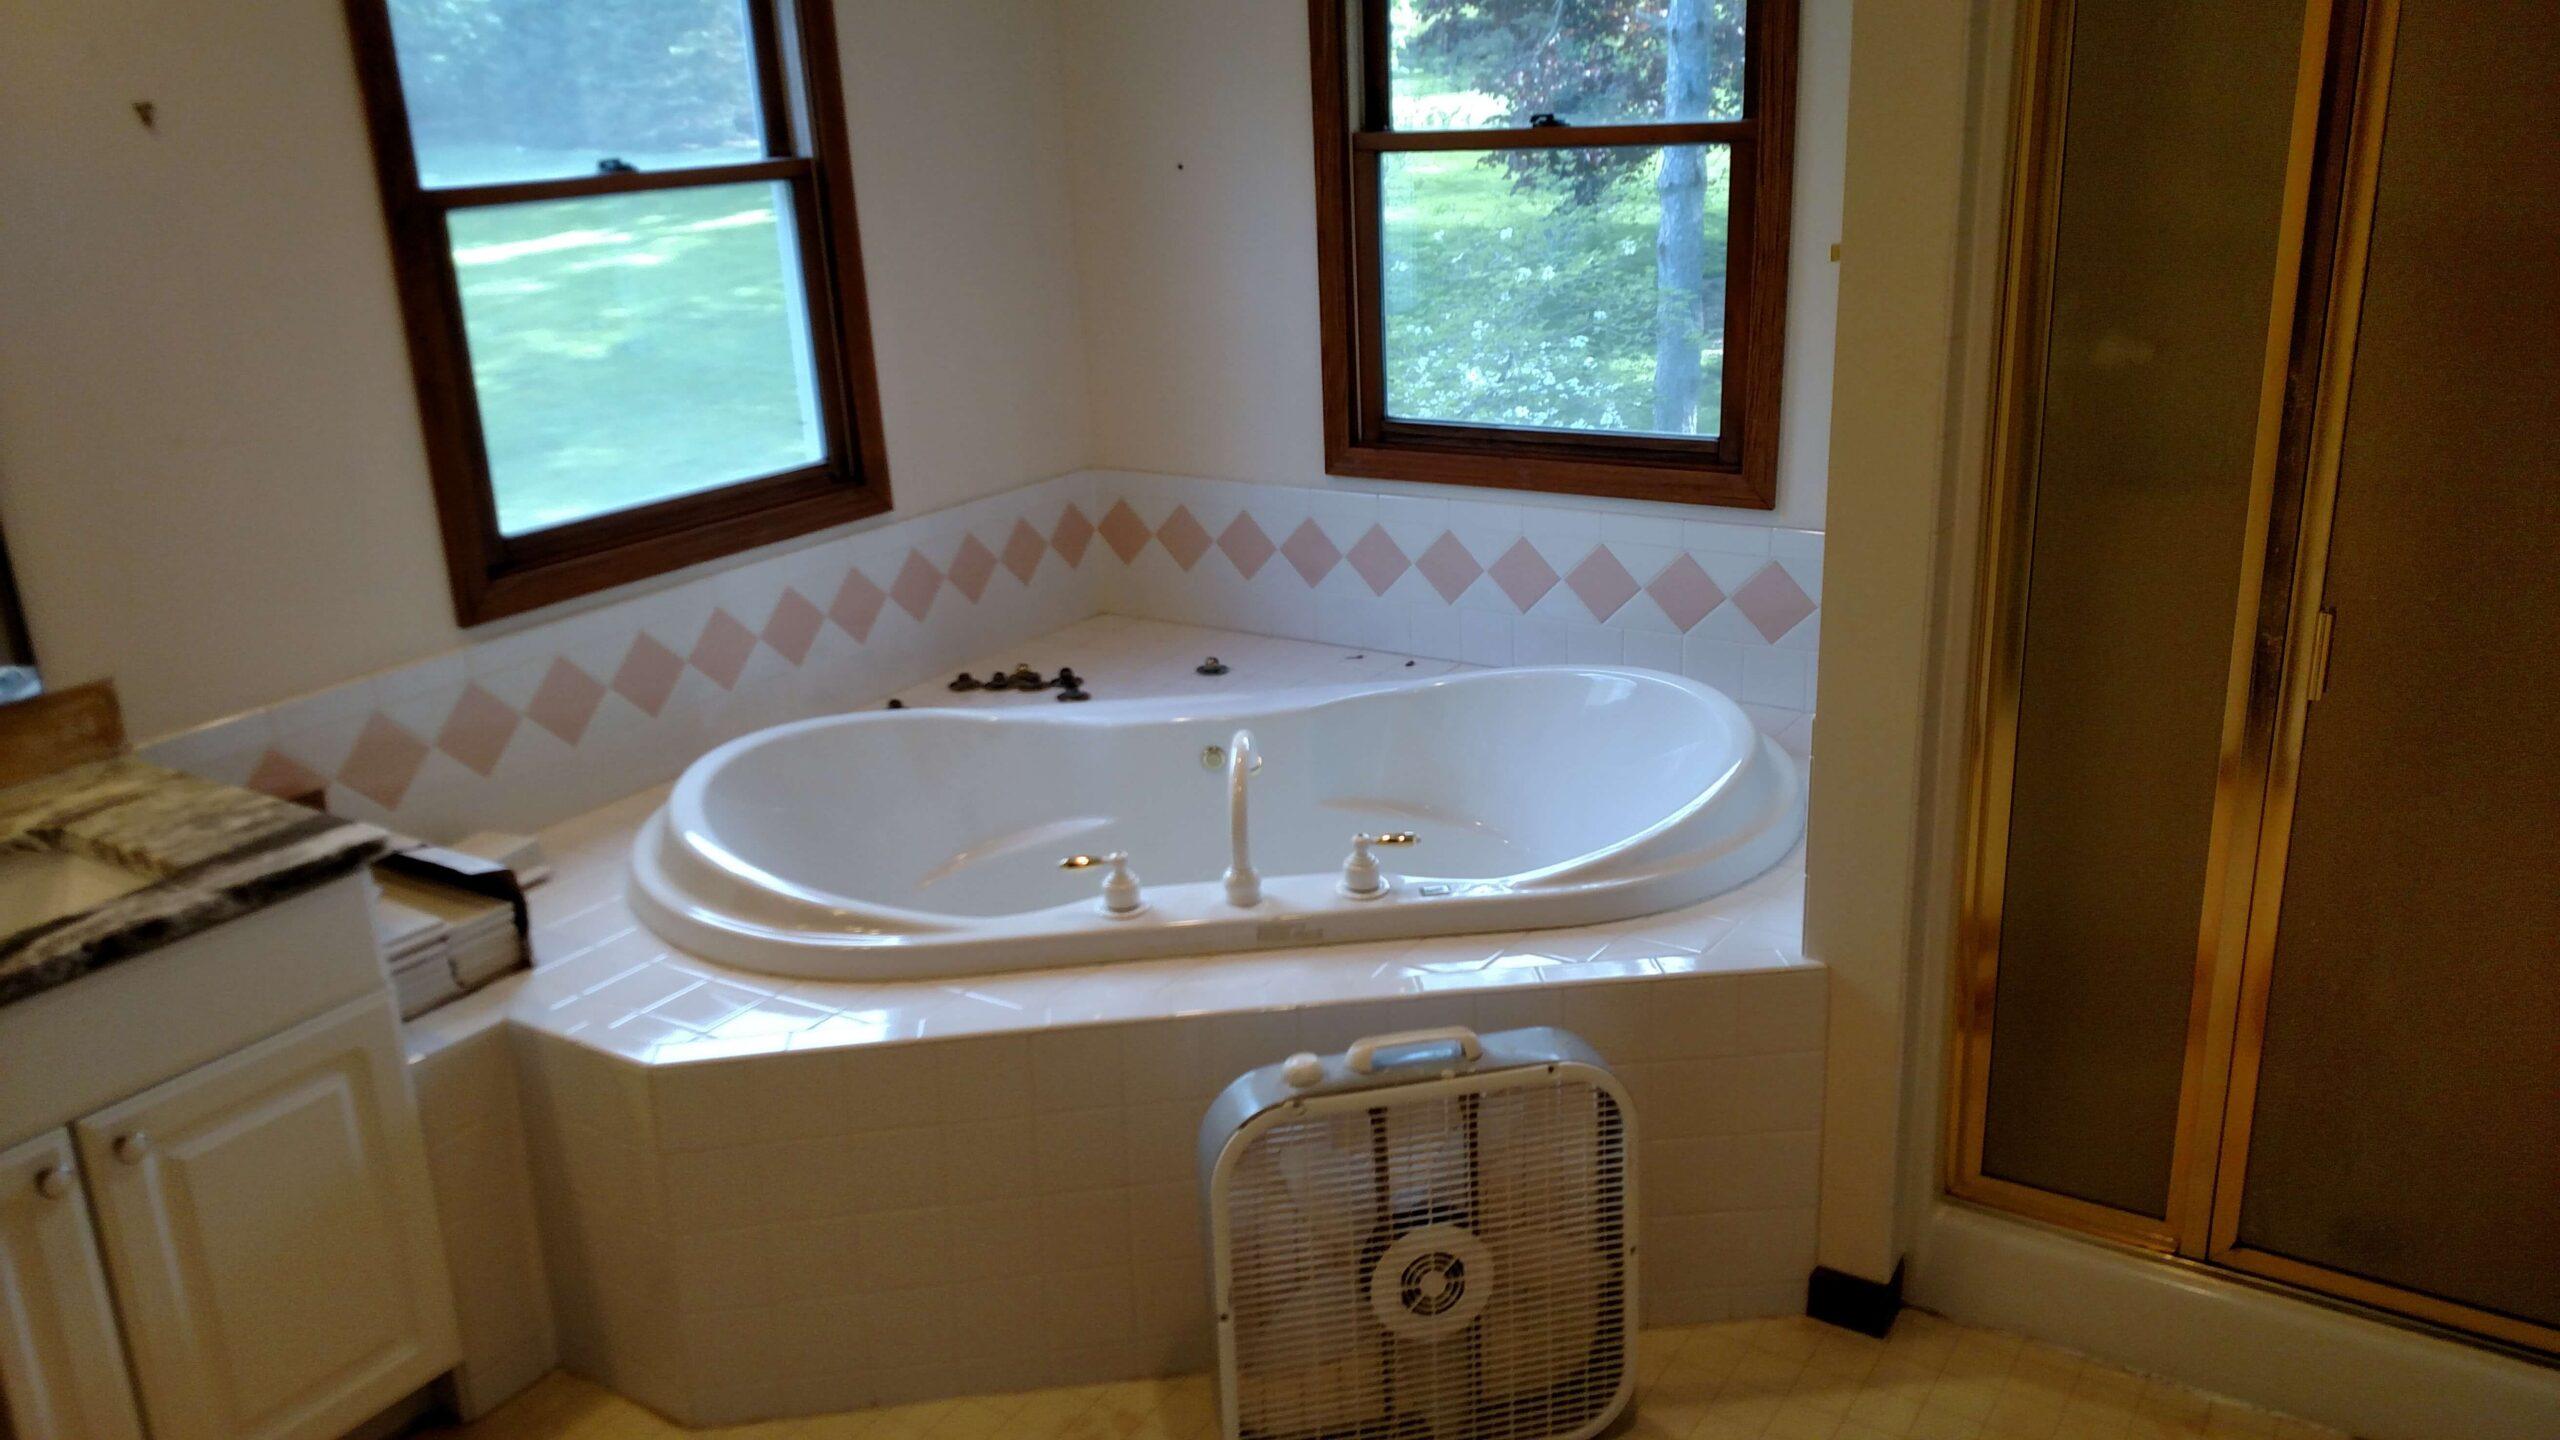 bathroom_caledonia before #2